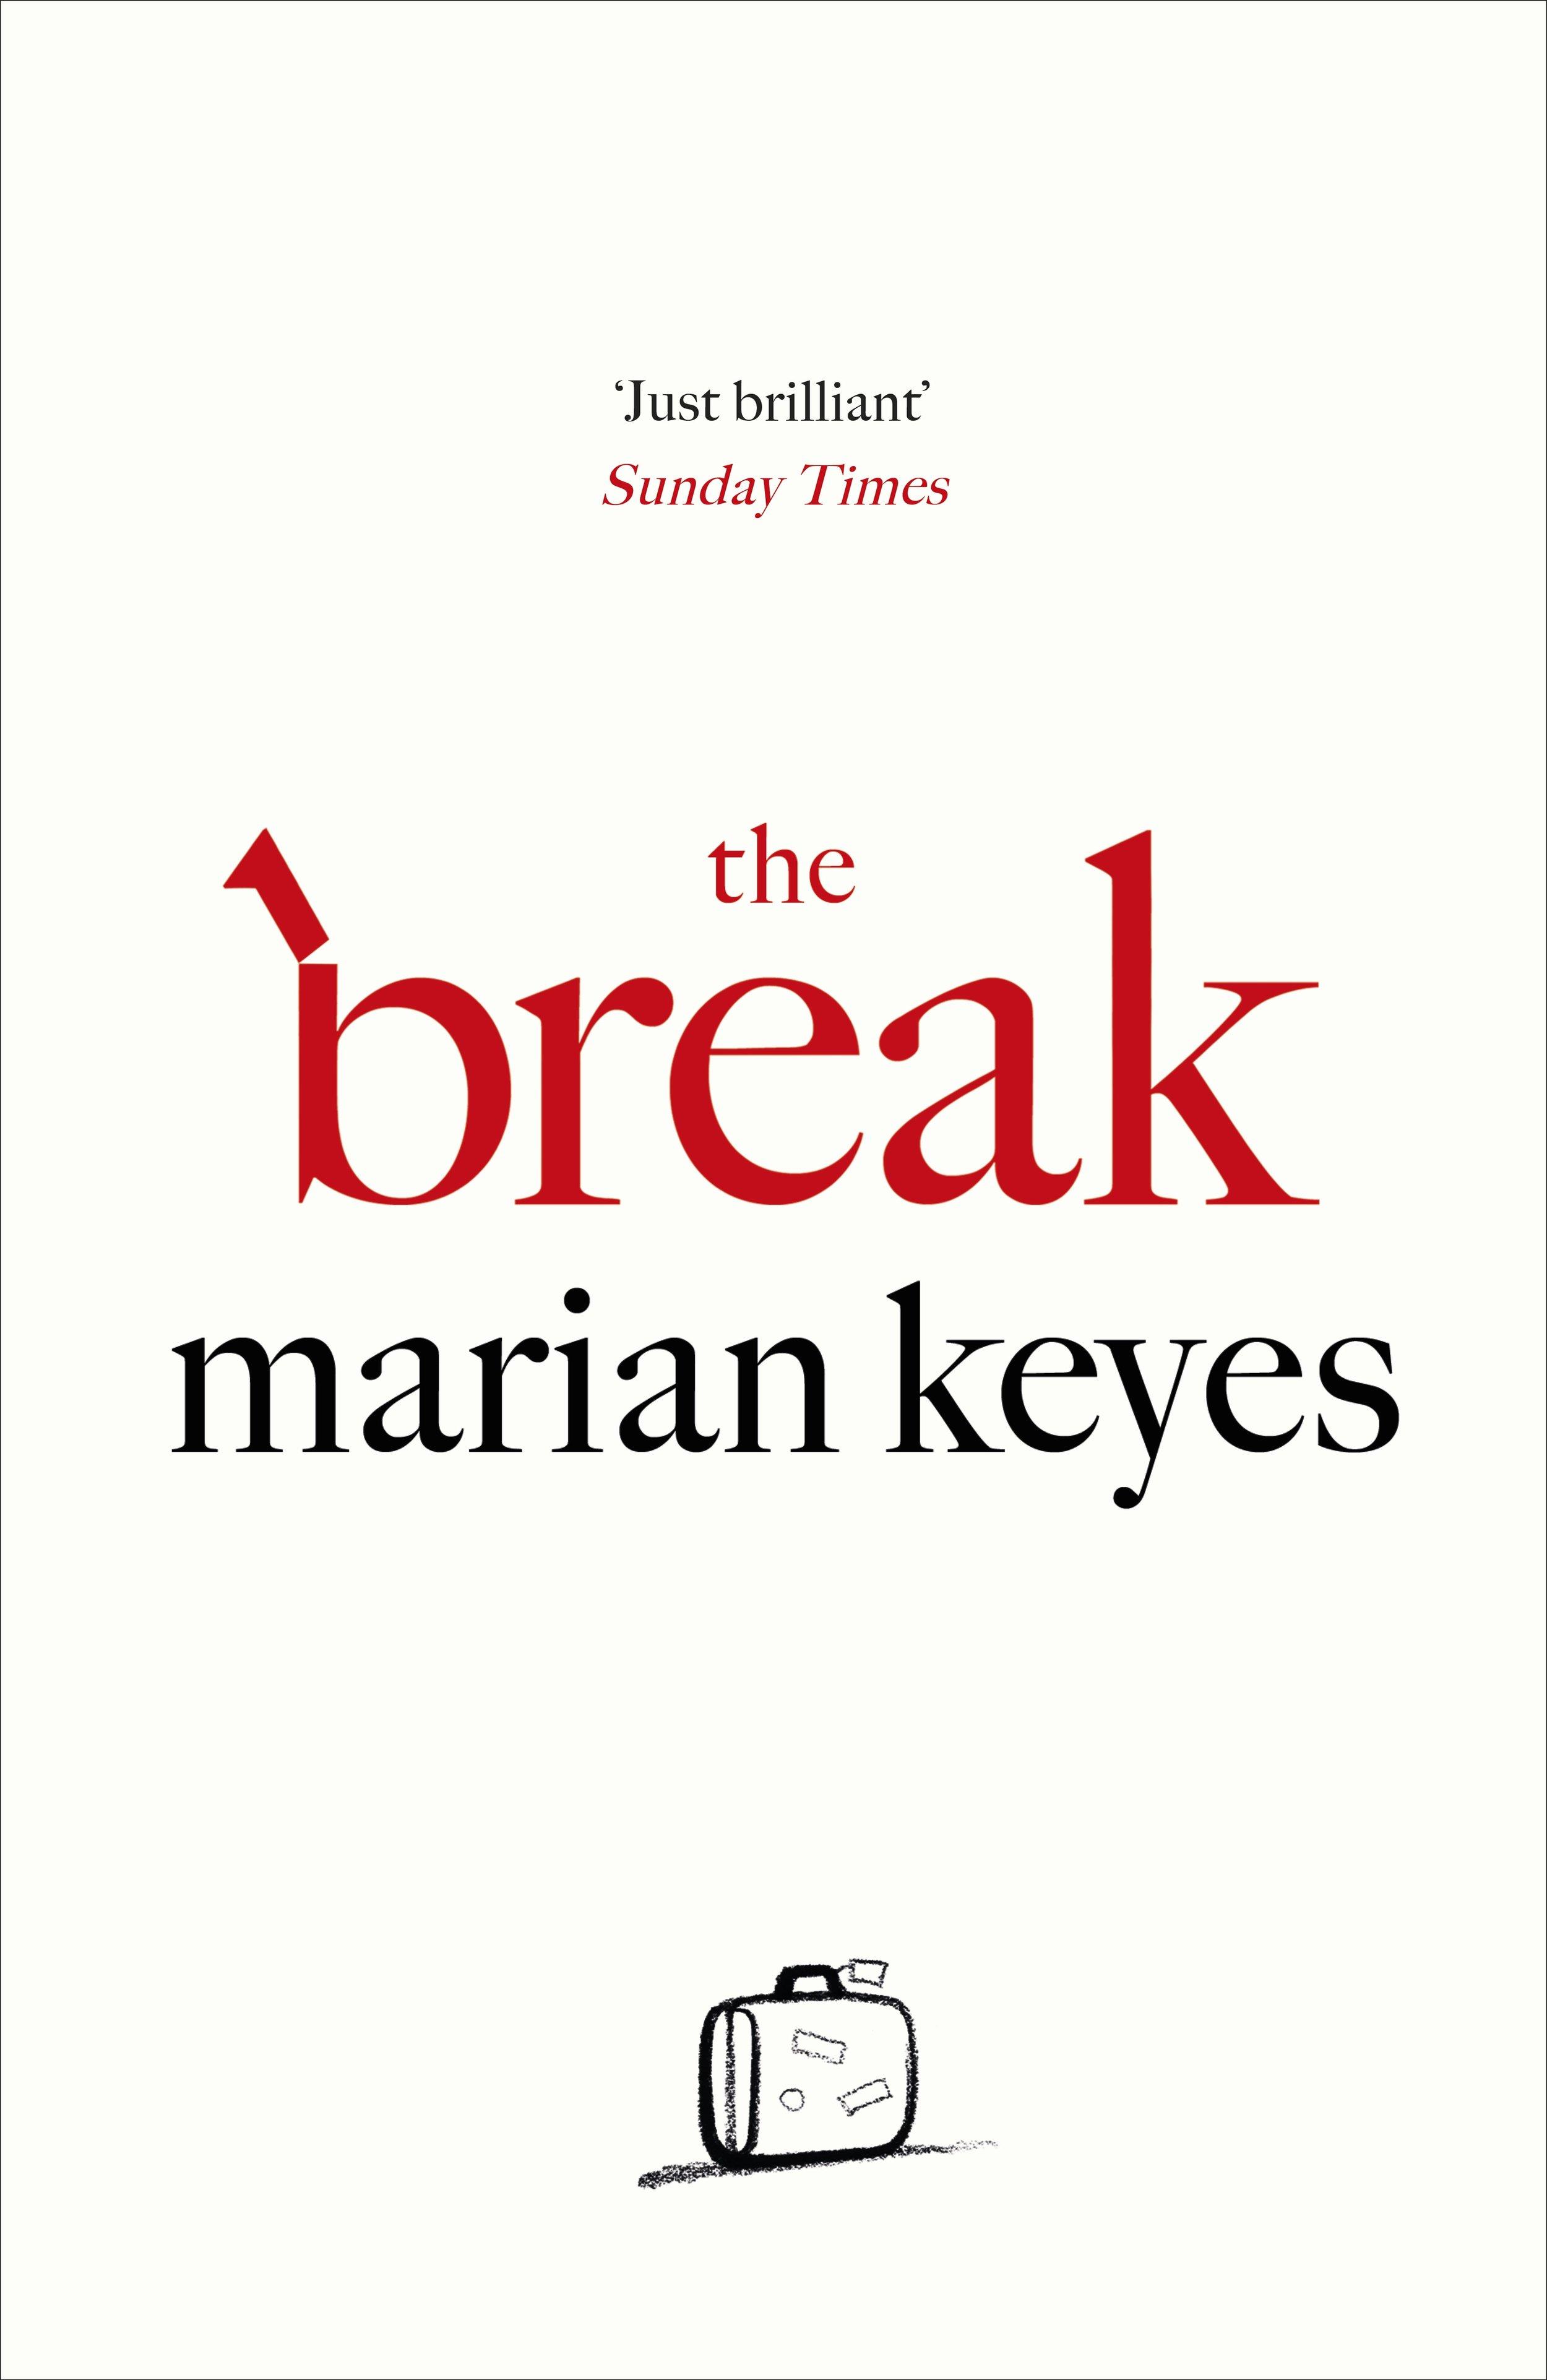 The Break Cover.jpg